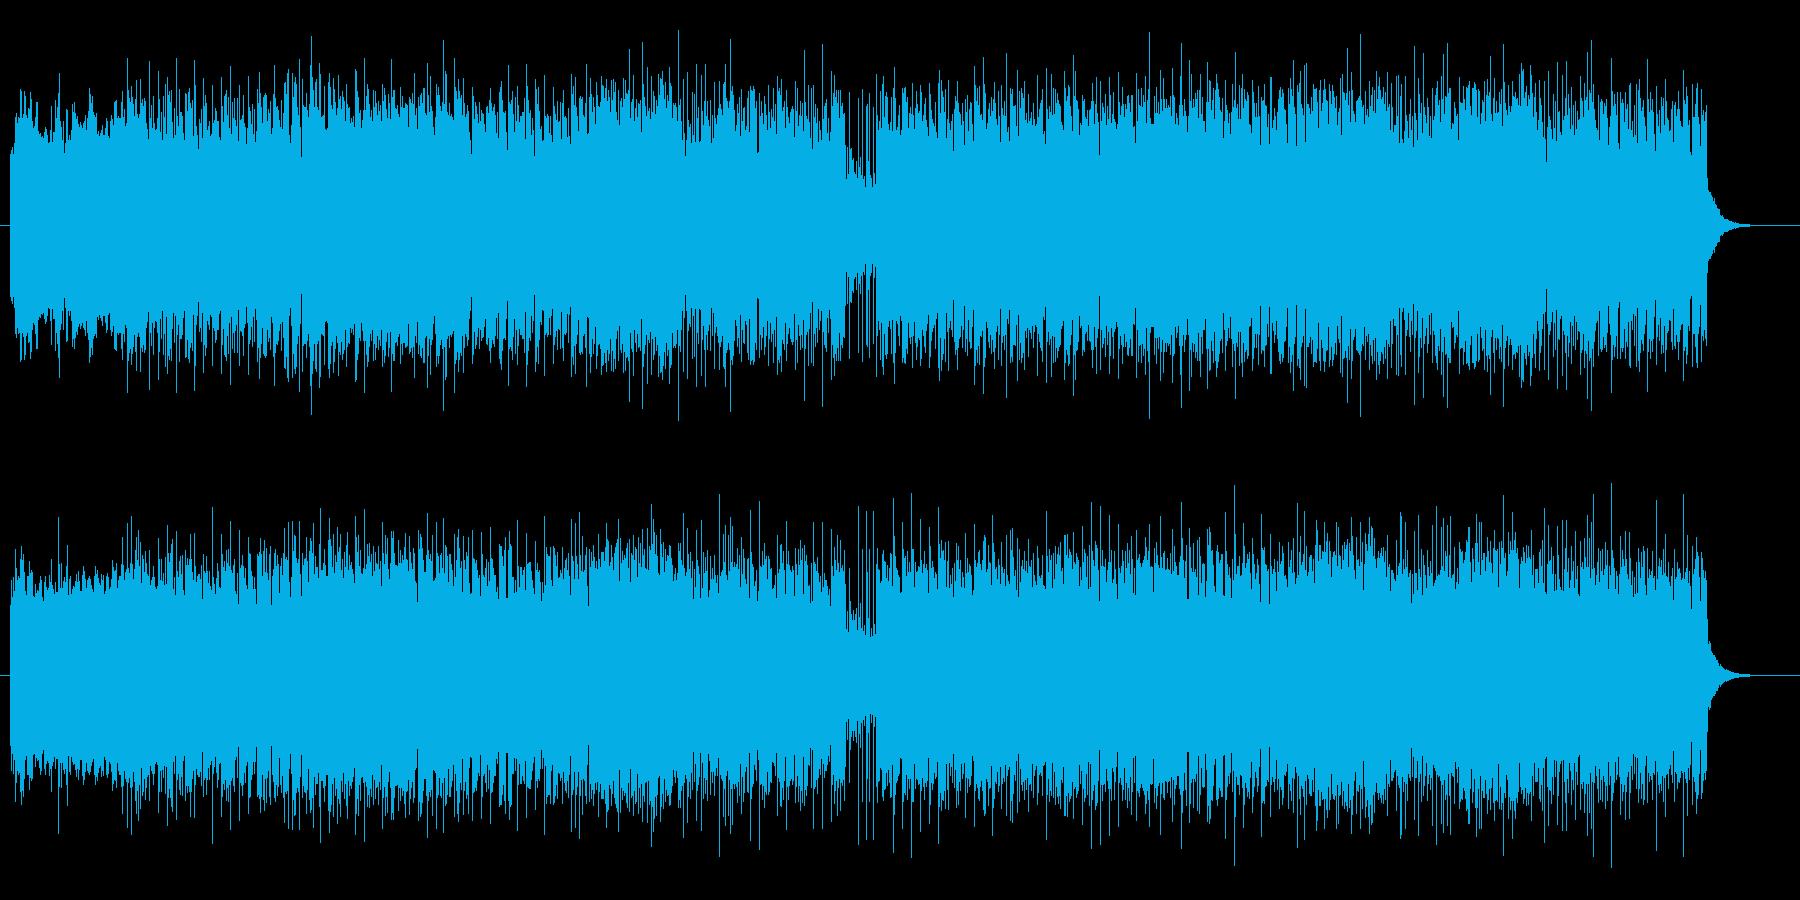 激しく疾走感のあるギターサウンドの再生済みの波形